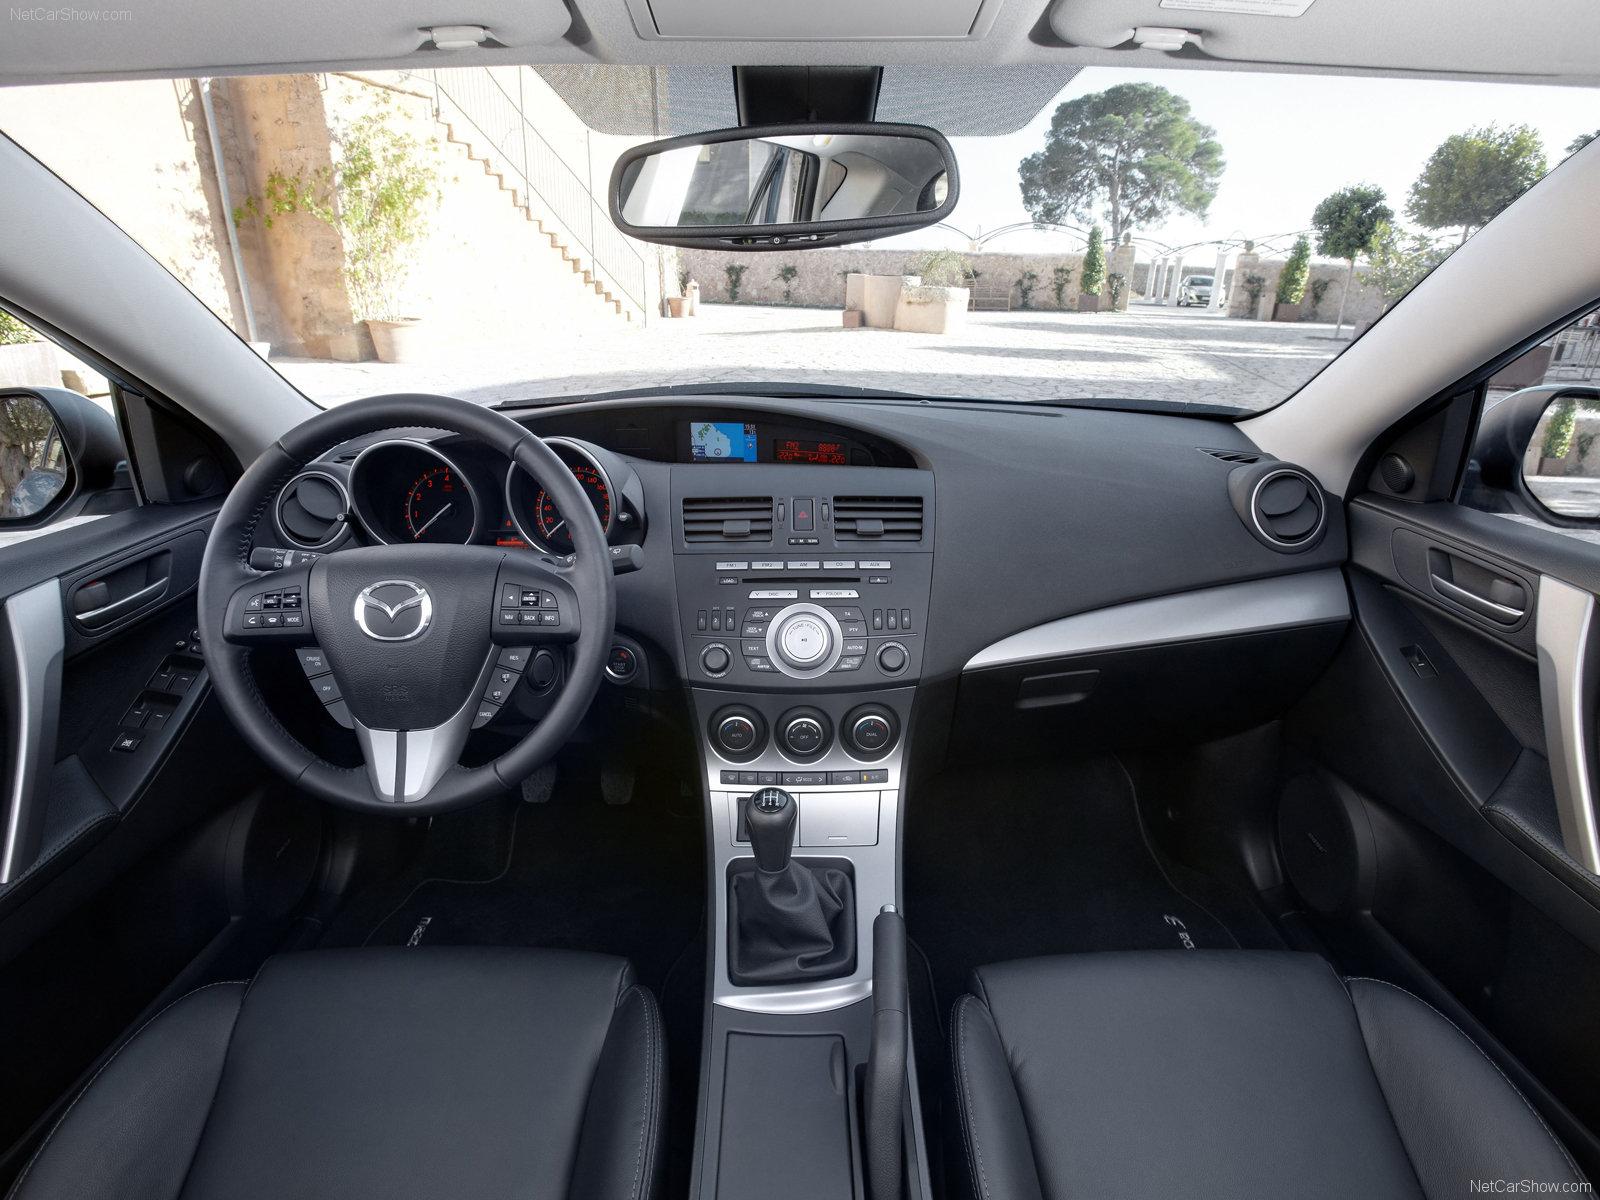 http://cdn5.3dtuning.com/info/Mazda%203%202009%20Sedan/factory/2.jpg